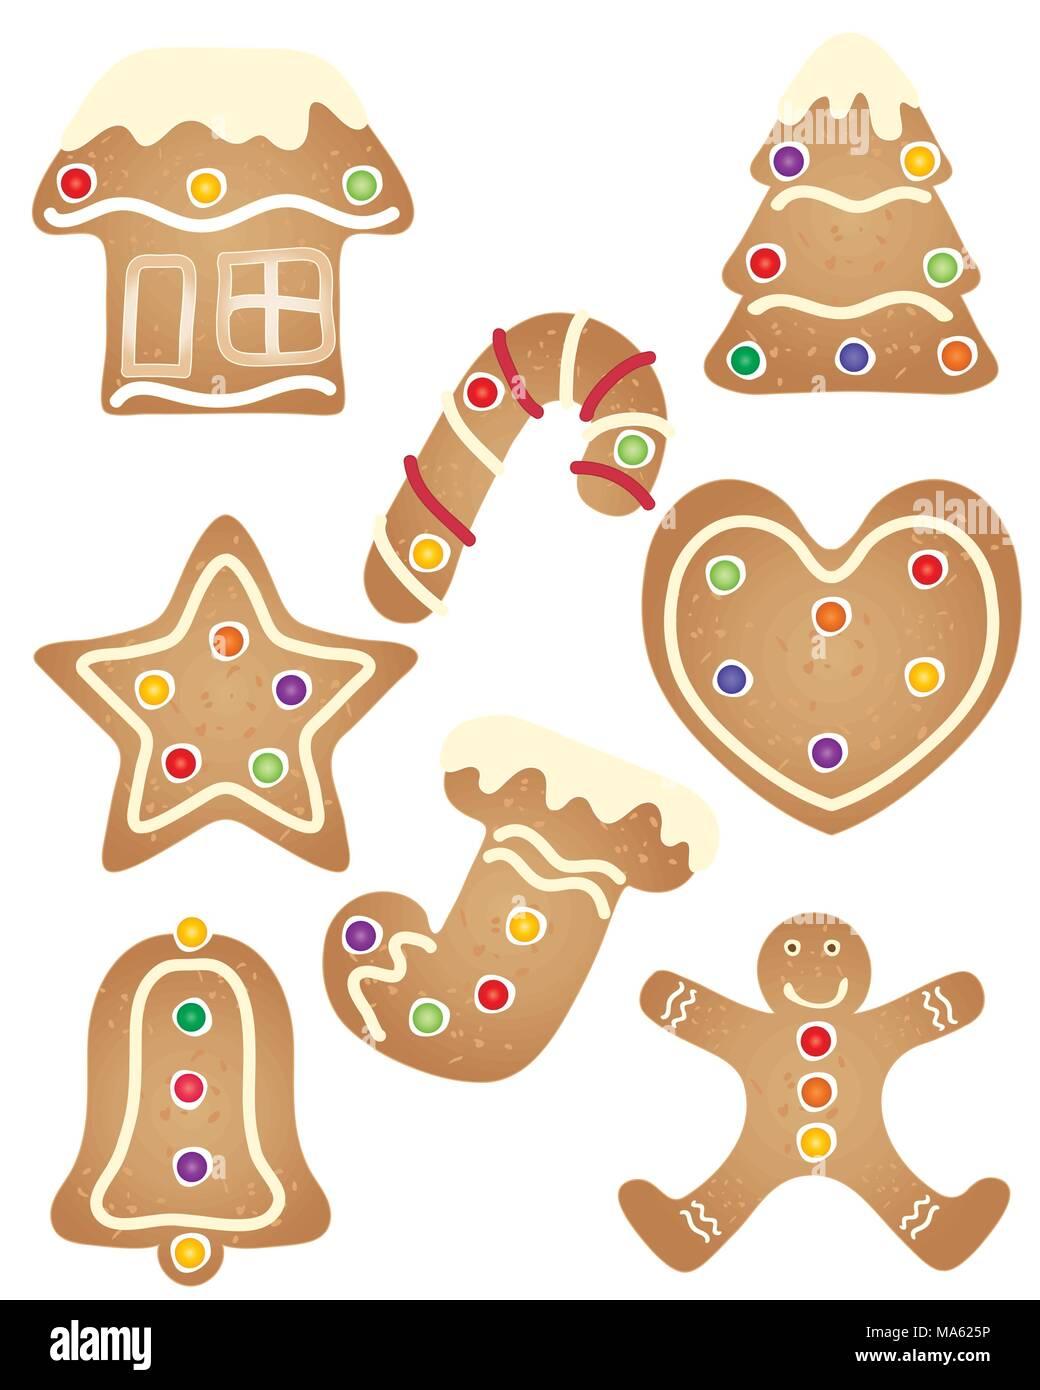 Una illustrazione vettoriale in formato eps formato 10 di una serie di vacanze di Natale gingerbread cookies con pasticceria e decorazione di glassa di crema Immagini Stock